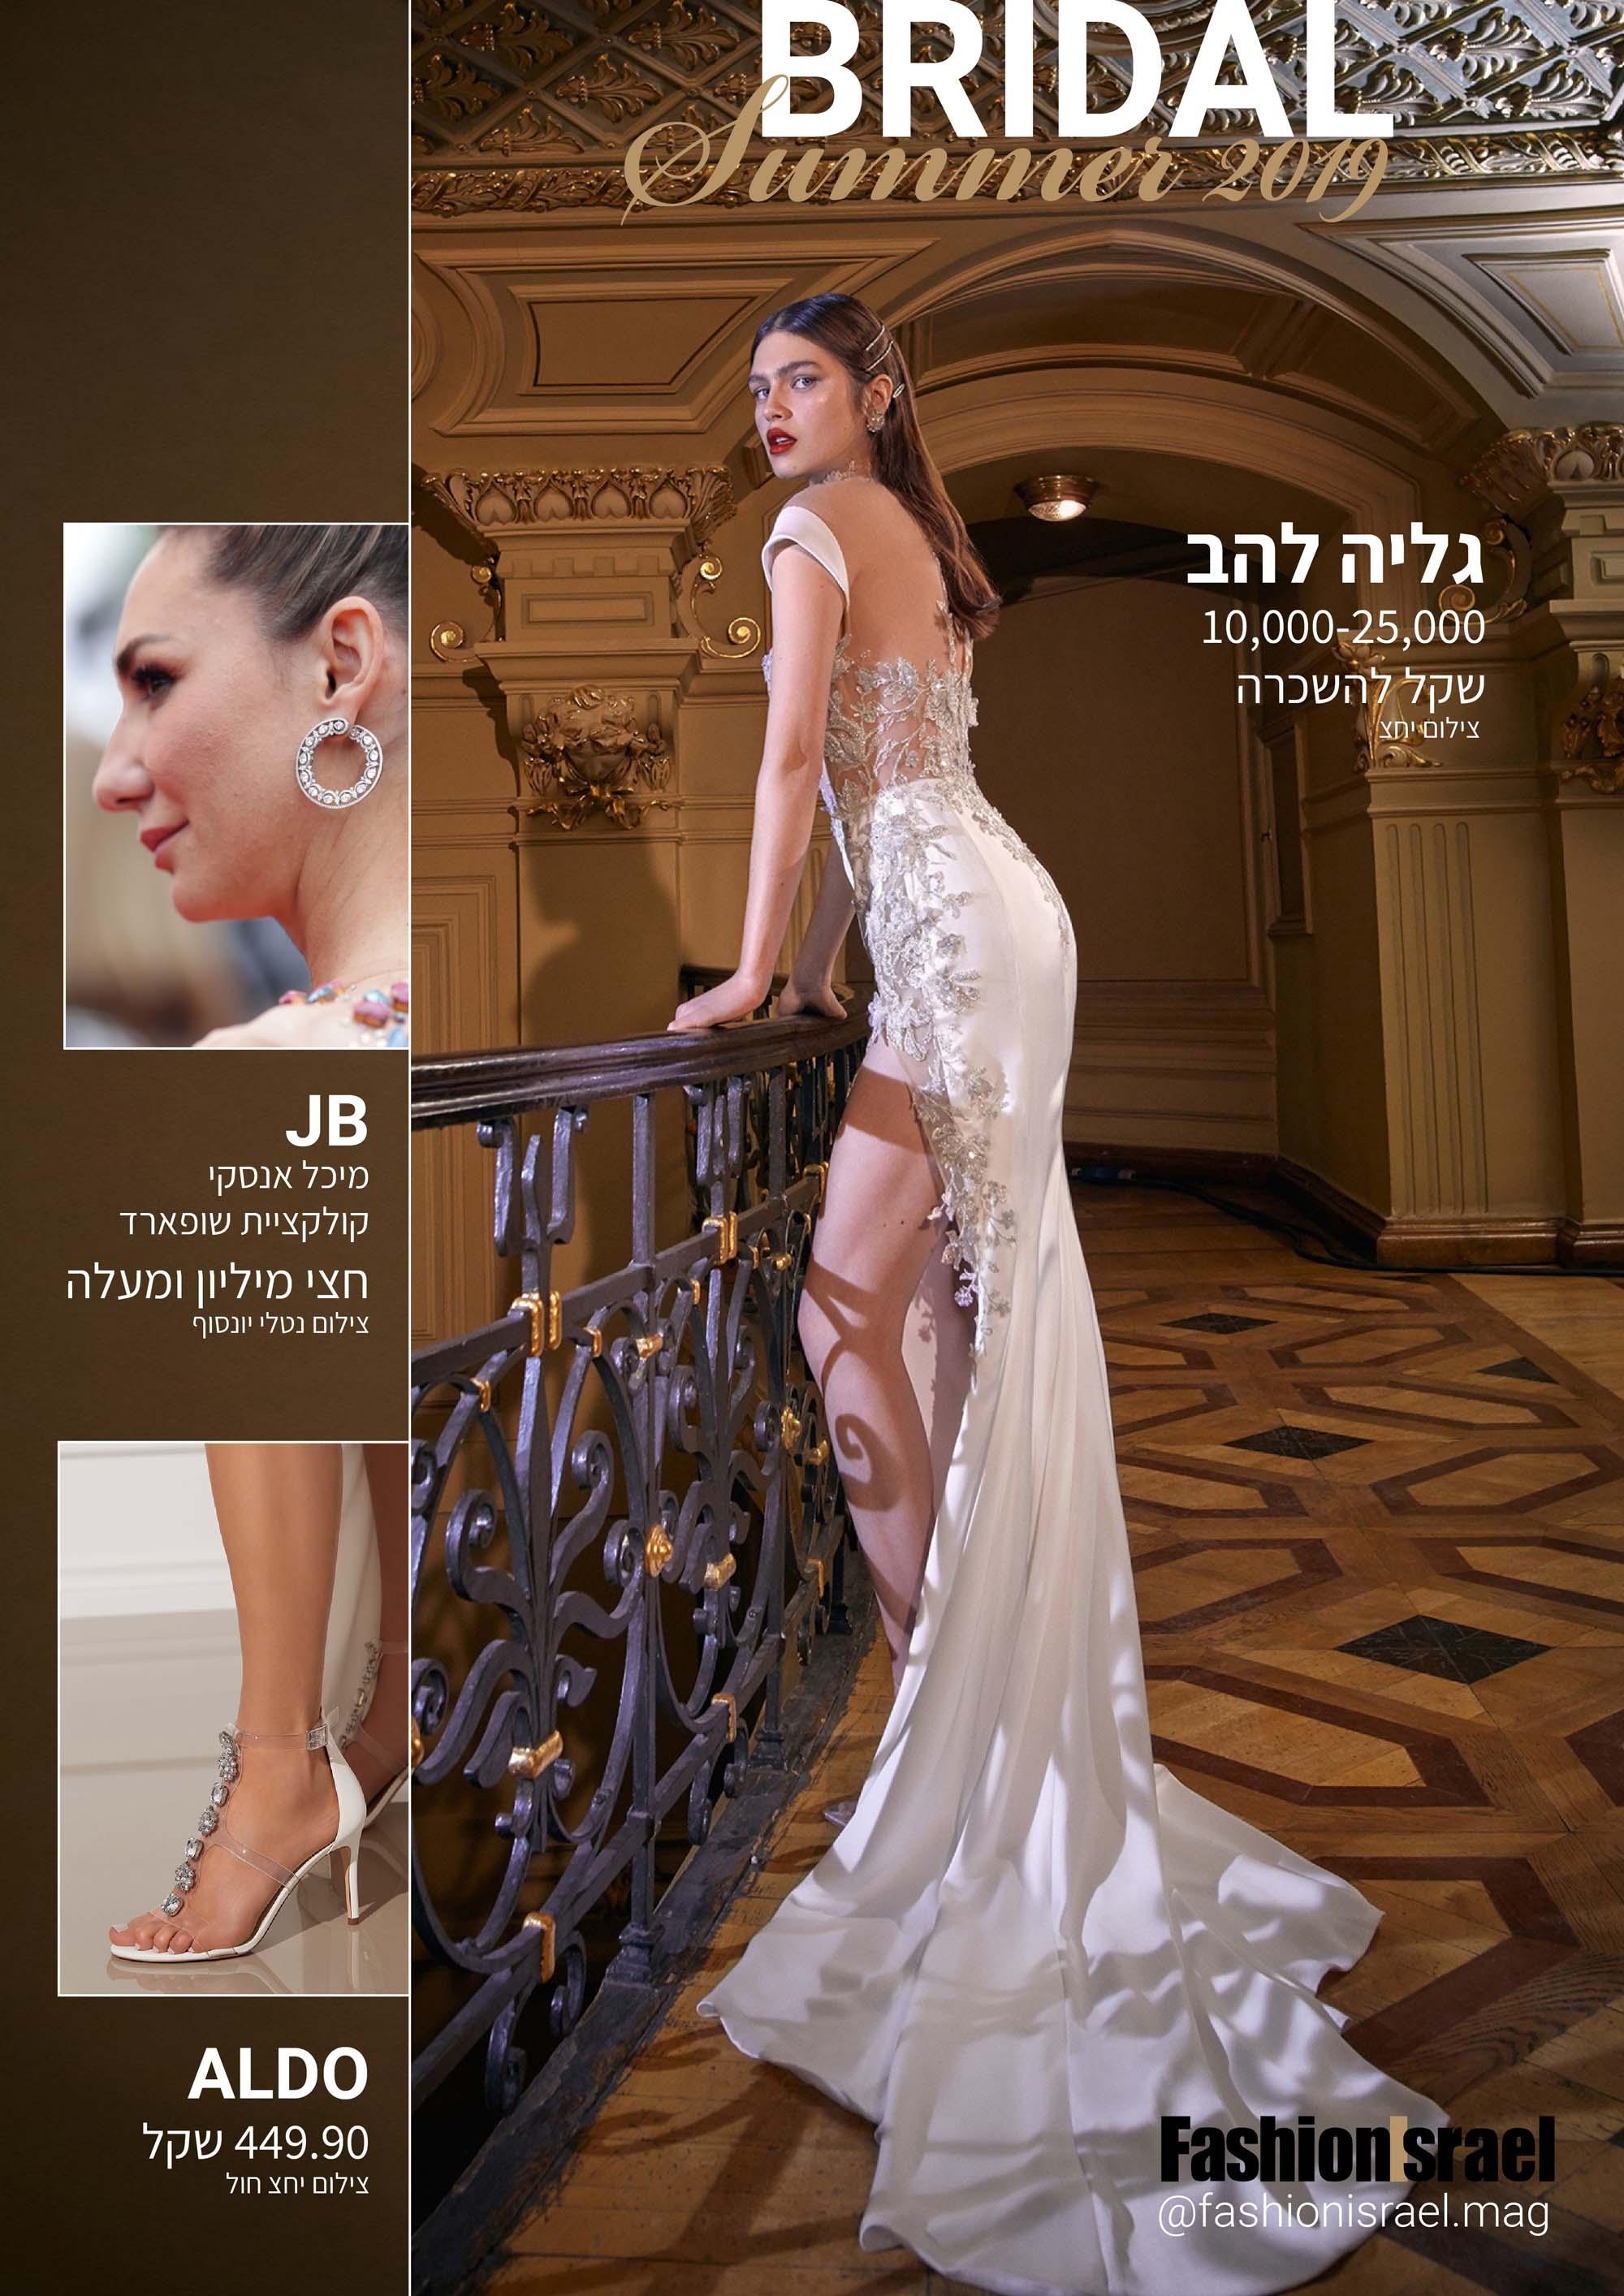 שמלת כלה: ברטה, תכשיטים:JB, נעליים: ALDO